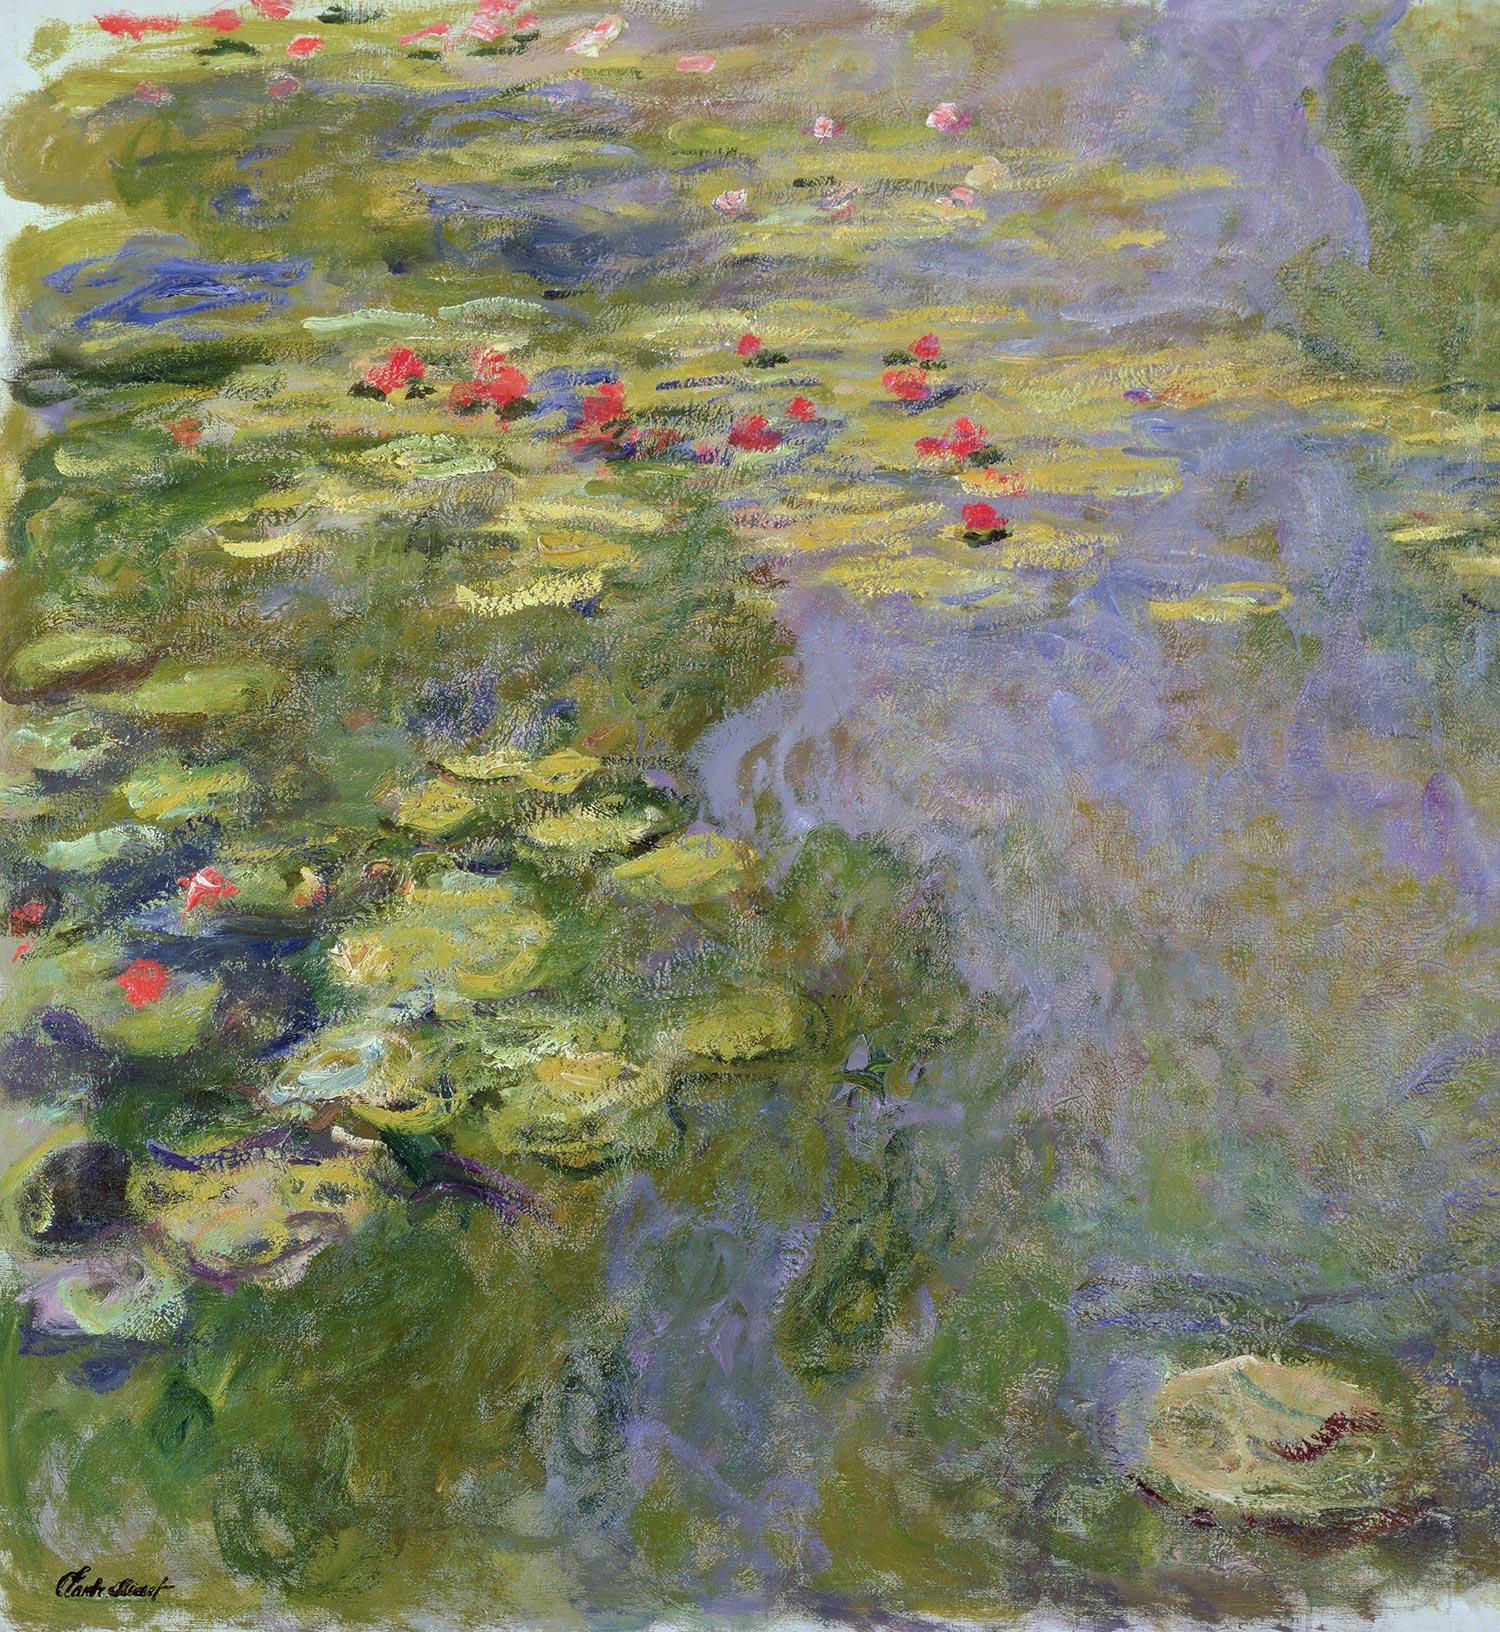 File:Claude Monet - Le bassin aux nymphéas W1888(1) - Musée Marmottan-Monet.jpg  - Wikimedia Commons